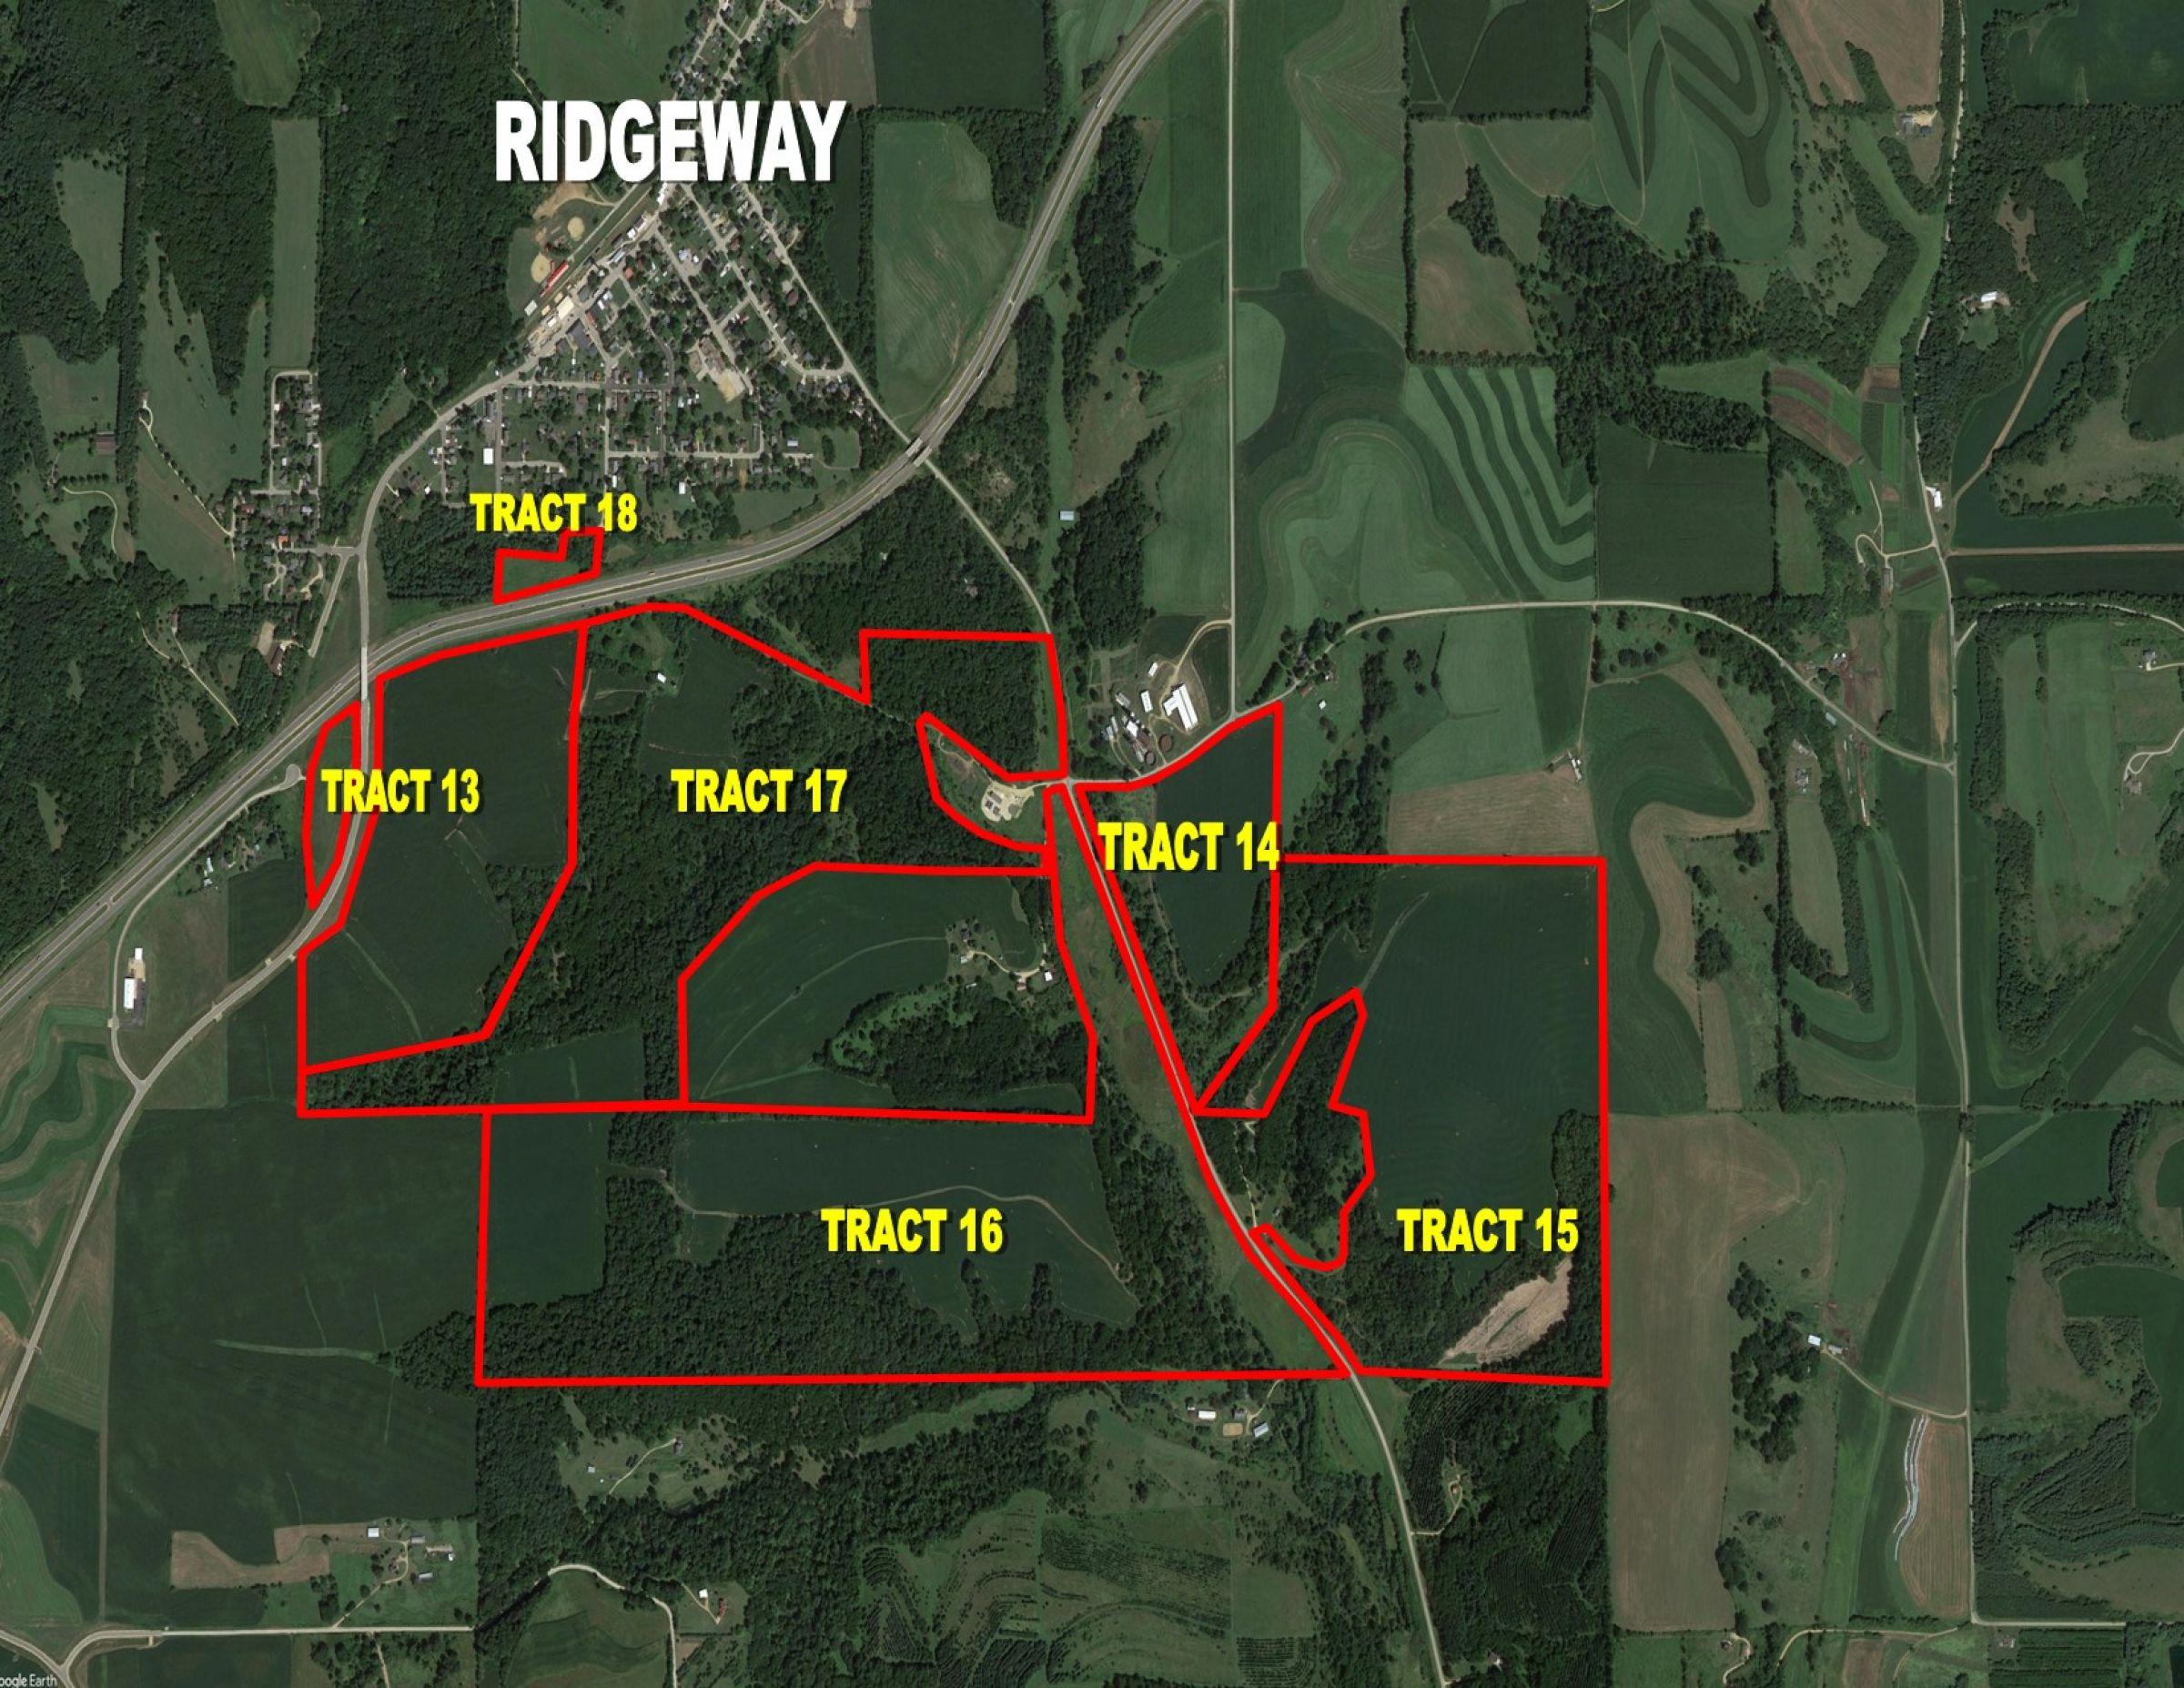 18-ridgeway-53582-0-2021-03-09-170239.jpg